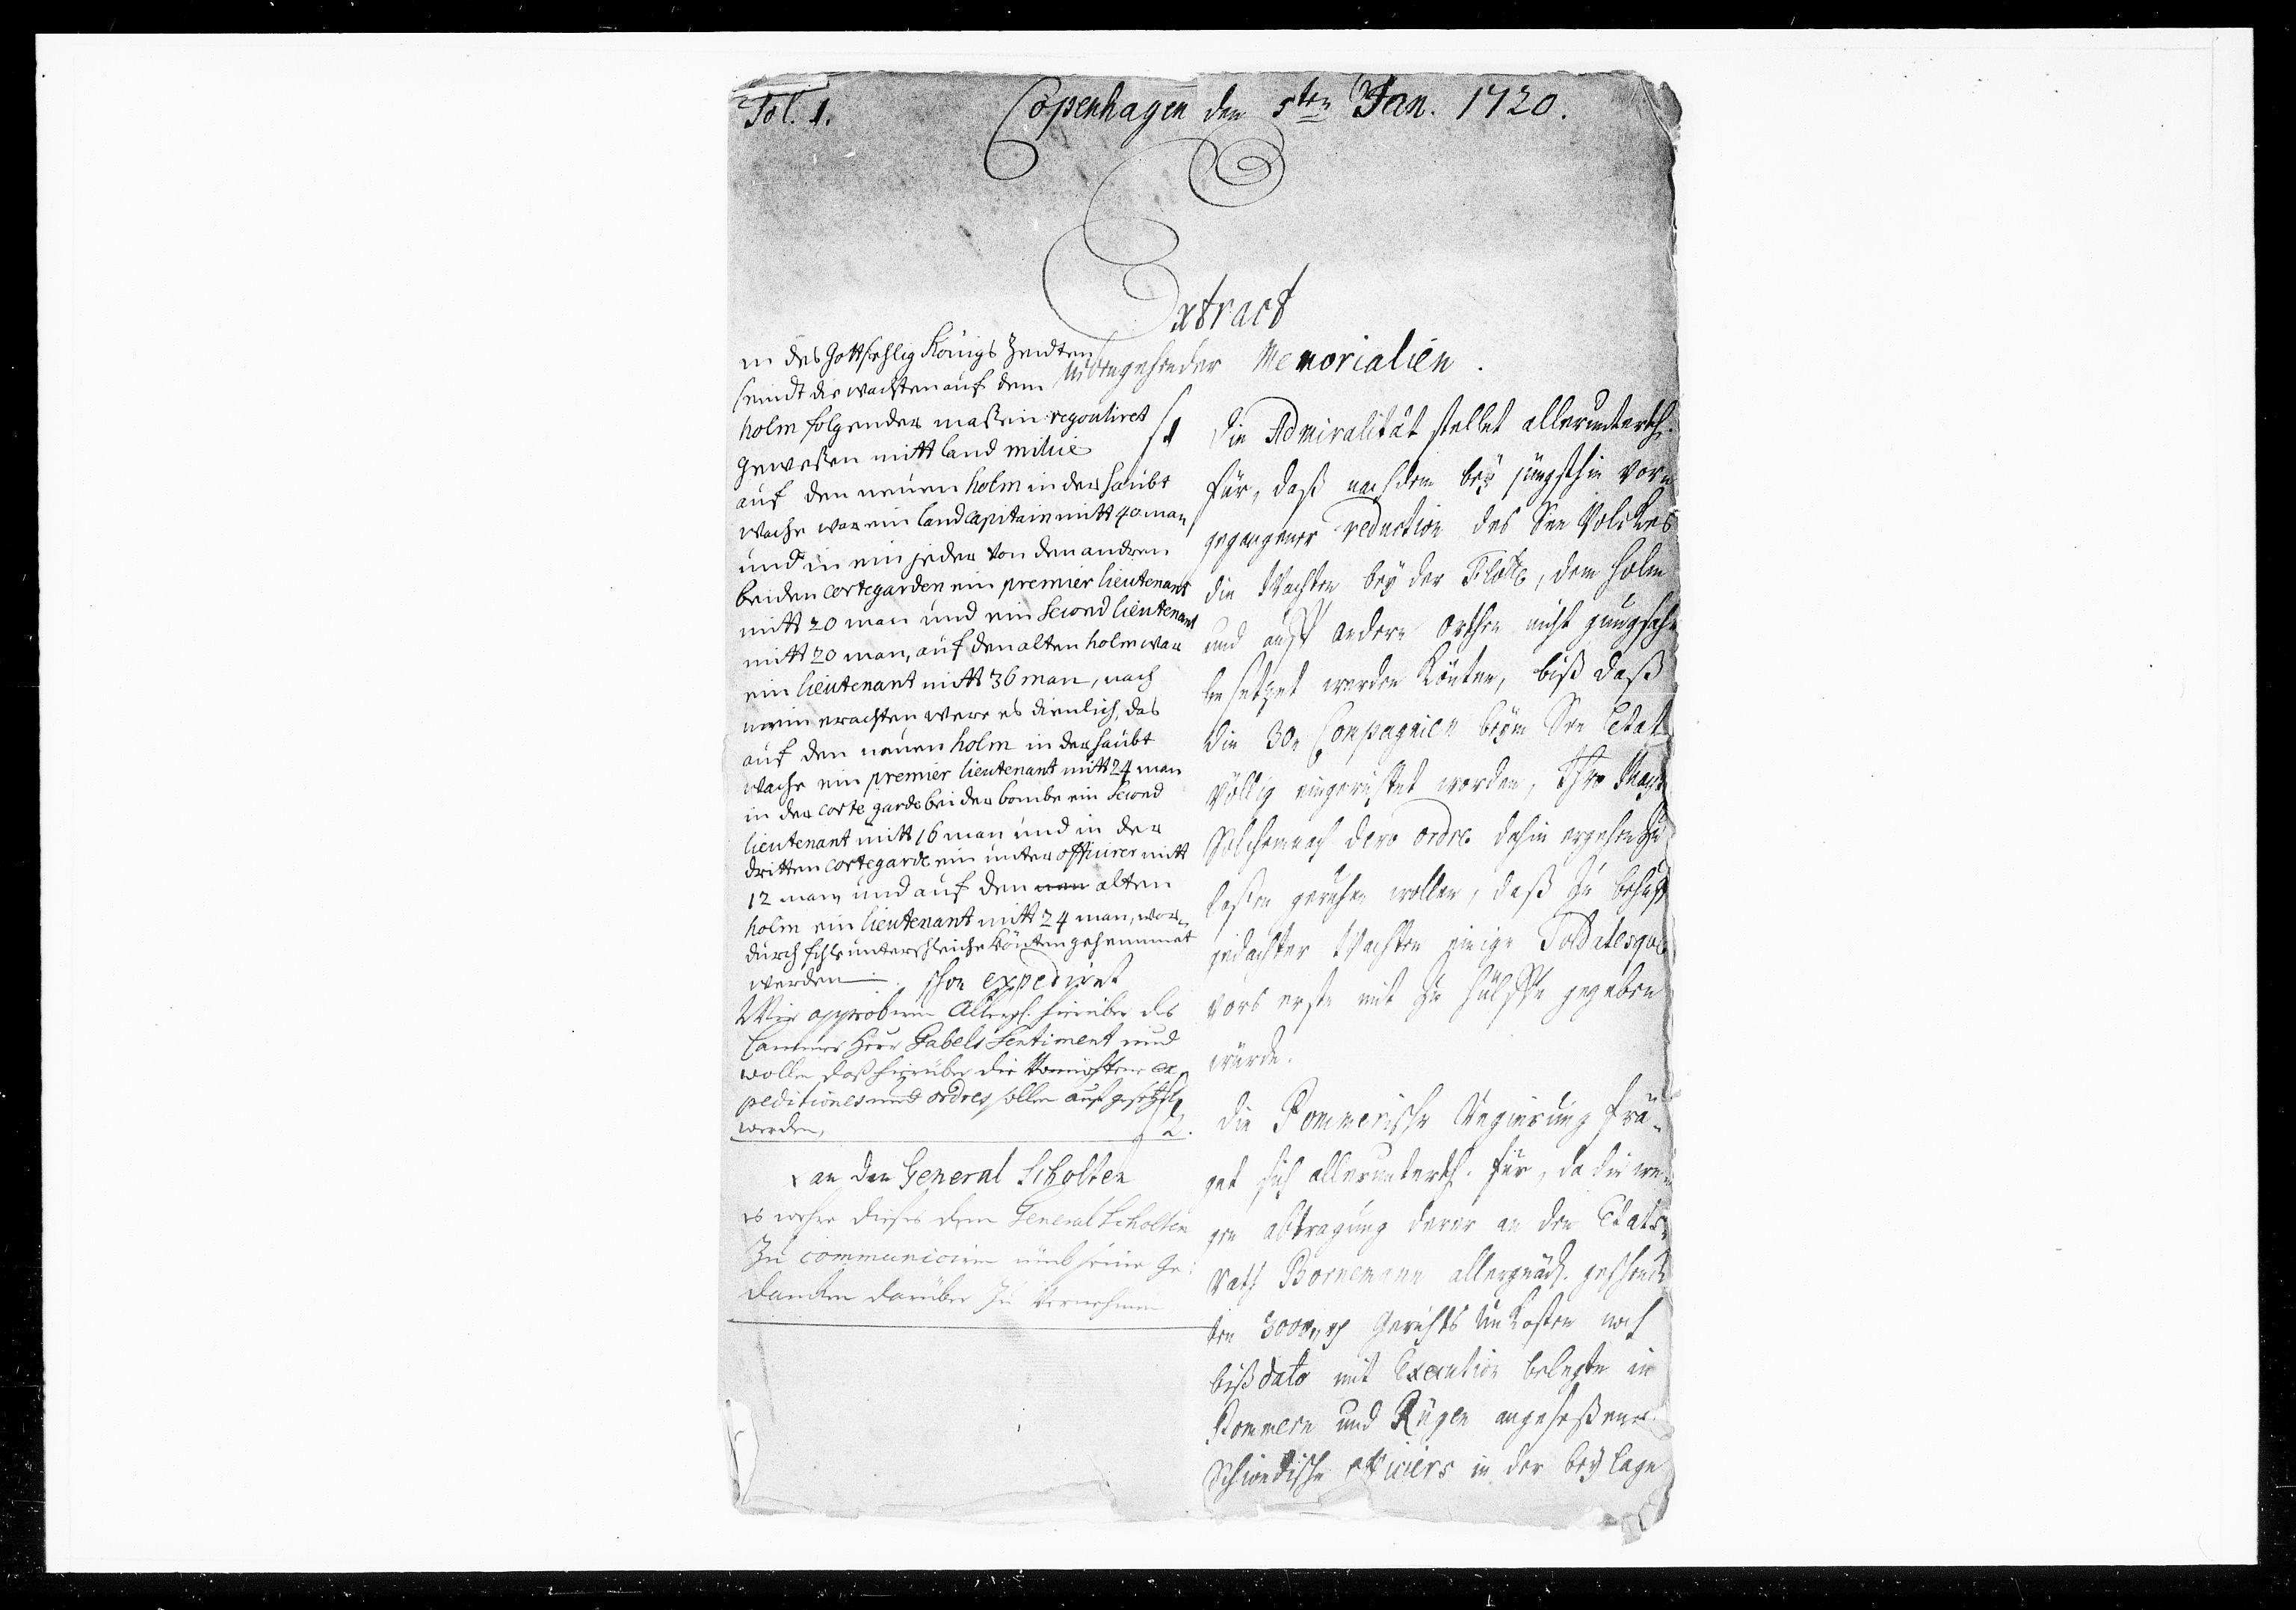 DRA, Krigskollegiet, Krigskancelliet, -/1057-1060: Refererede sager, 1720, p. 3